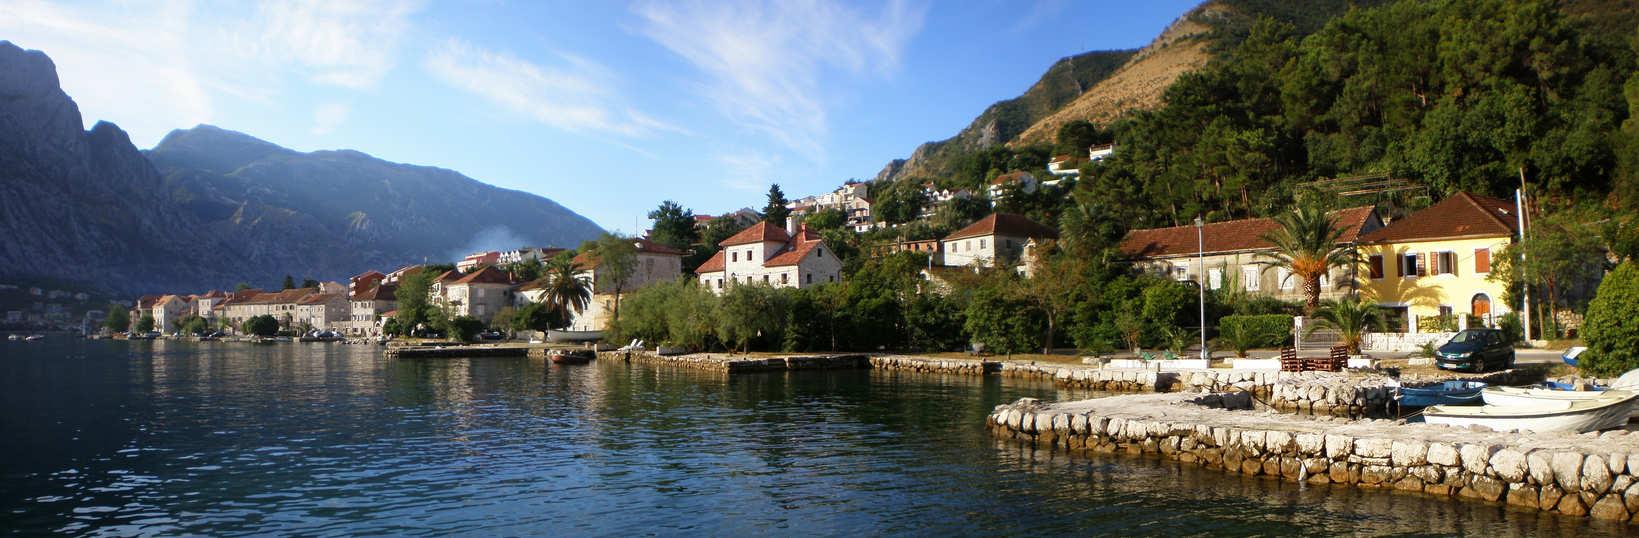 Prcanj, Montenegro